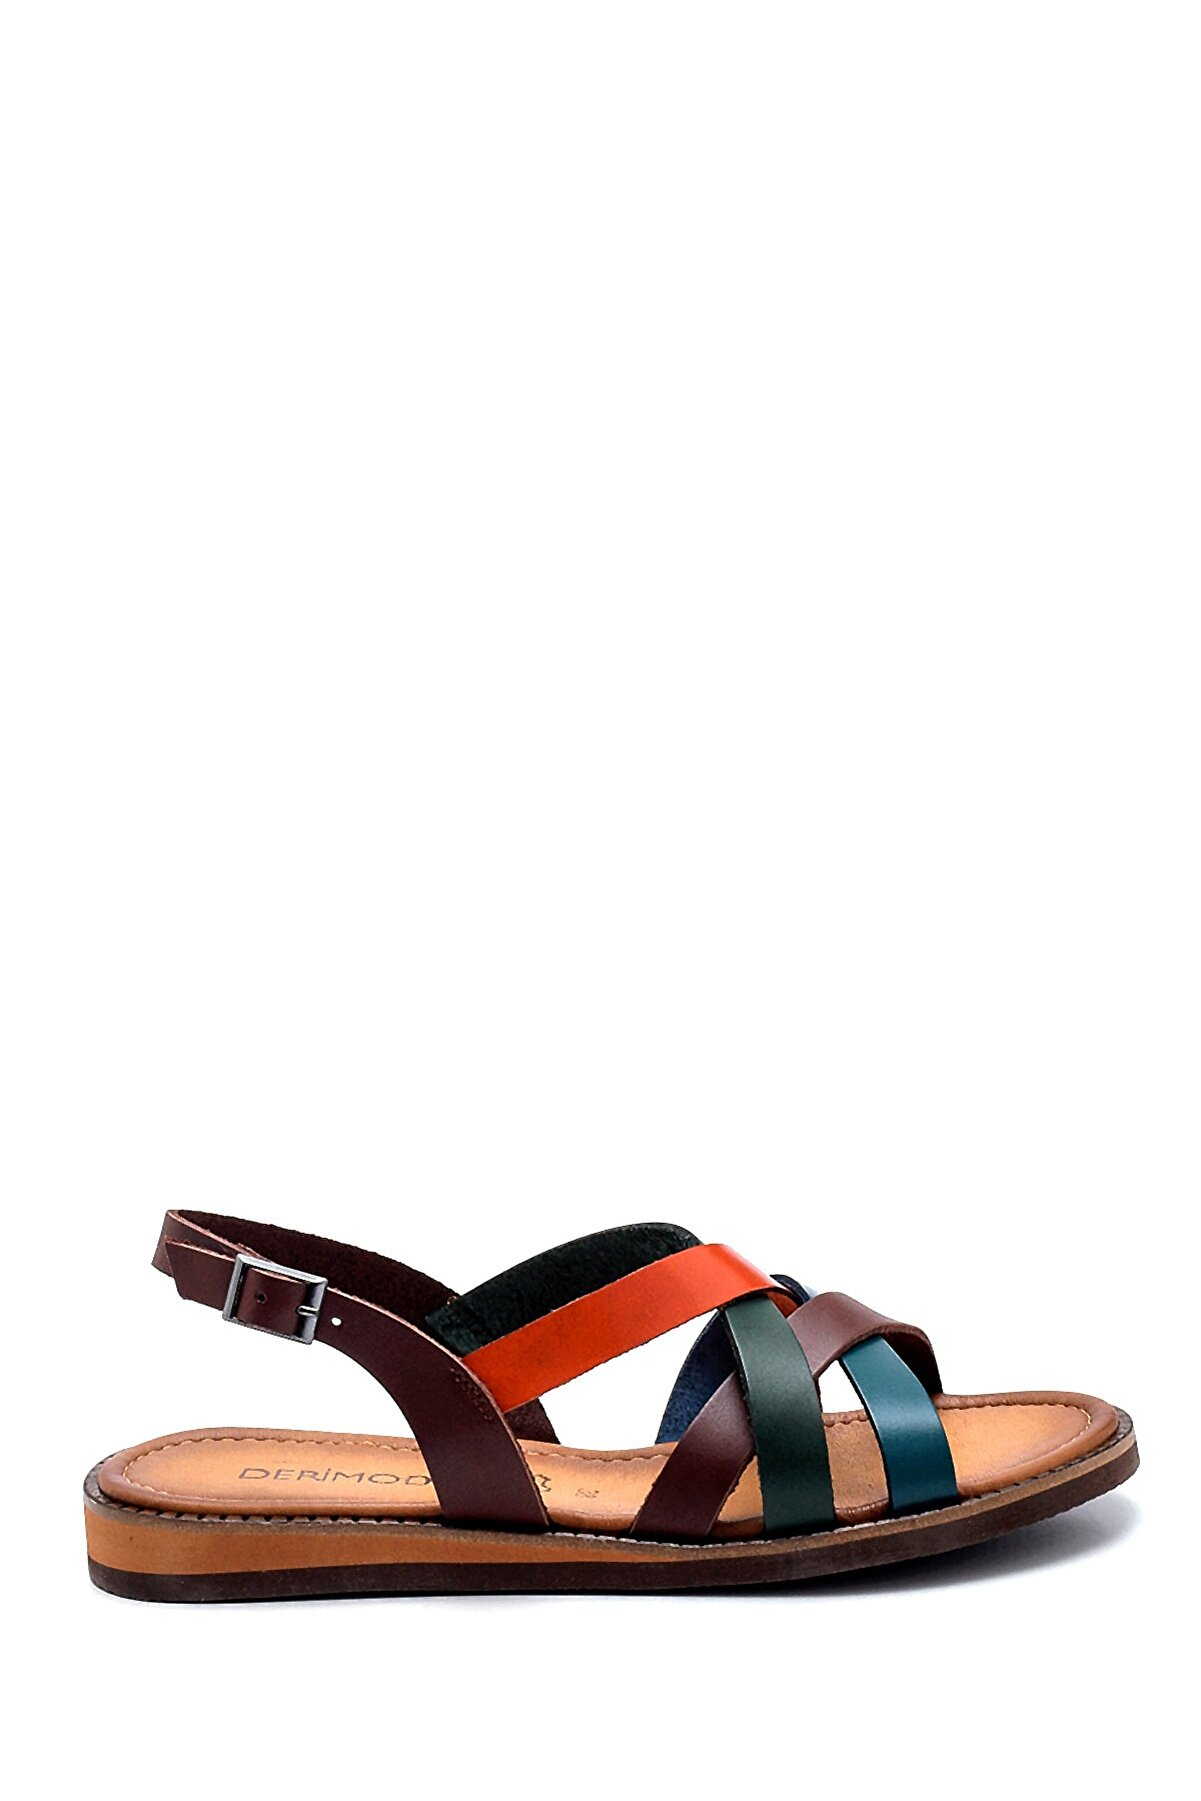 Derimod Kadın Kahverengi Deri Sandalet